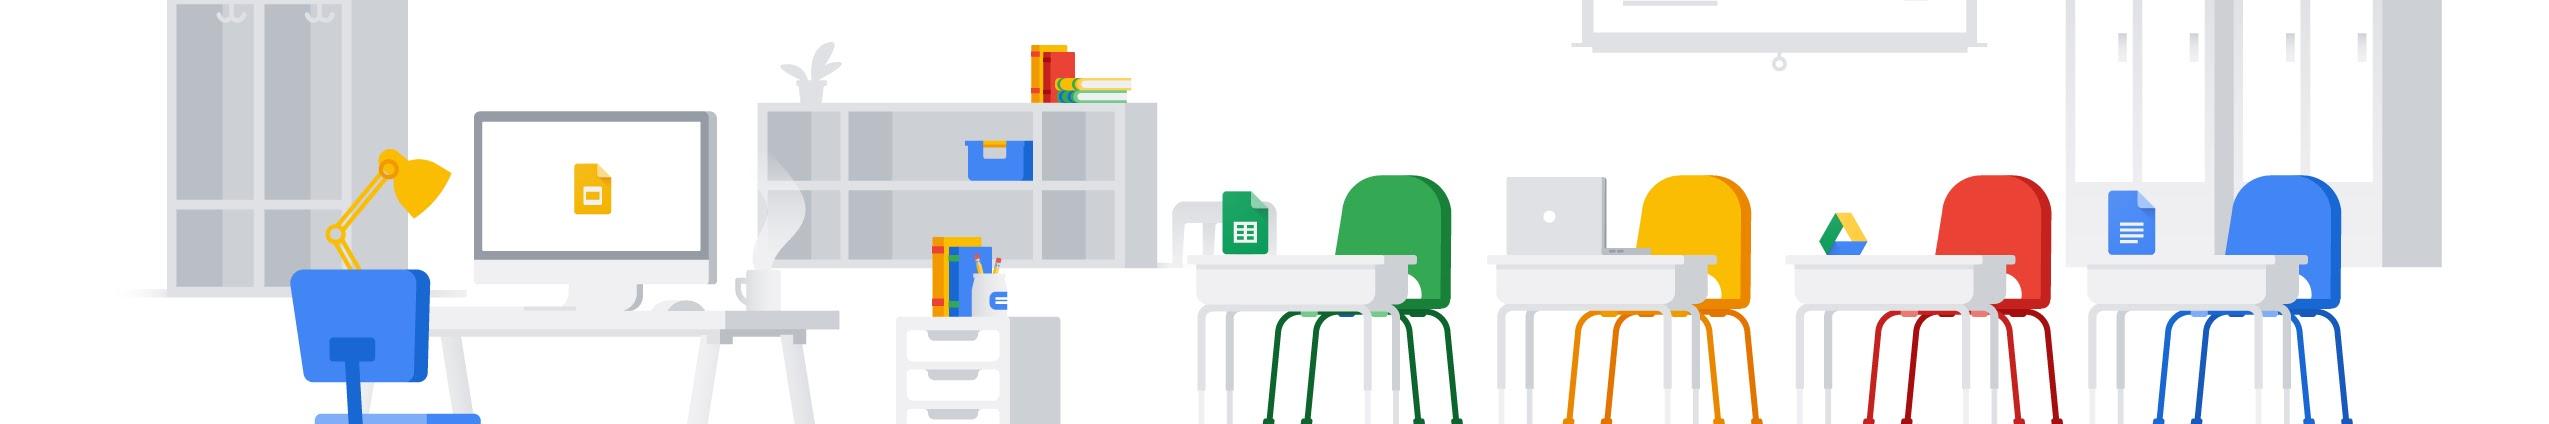 Google for Education (K12 & Higher) partner Digisoft